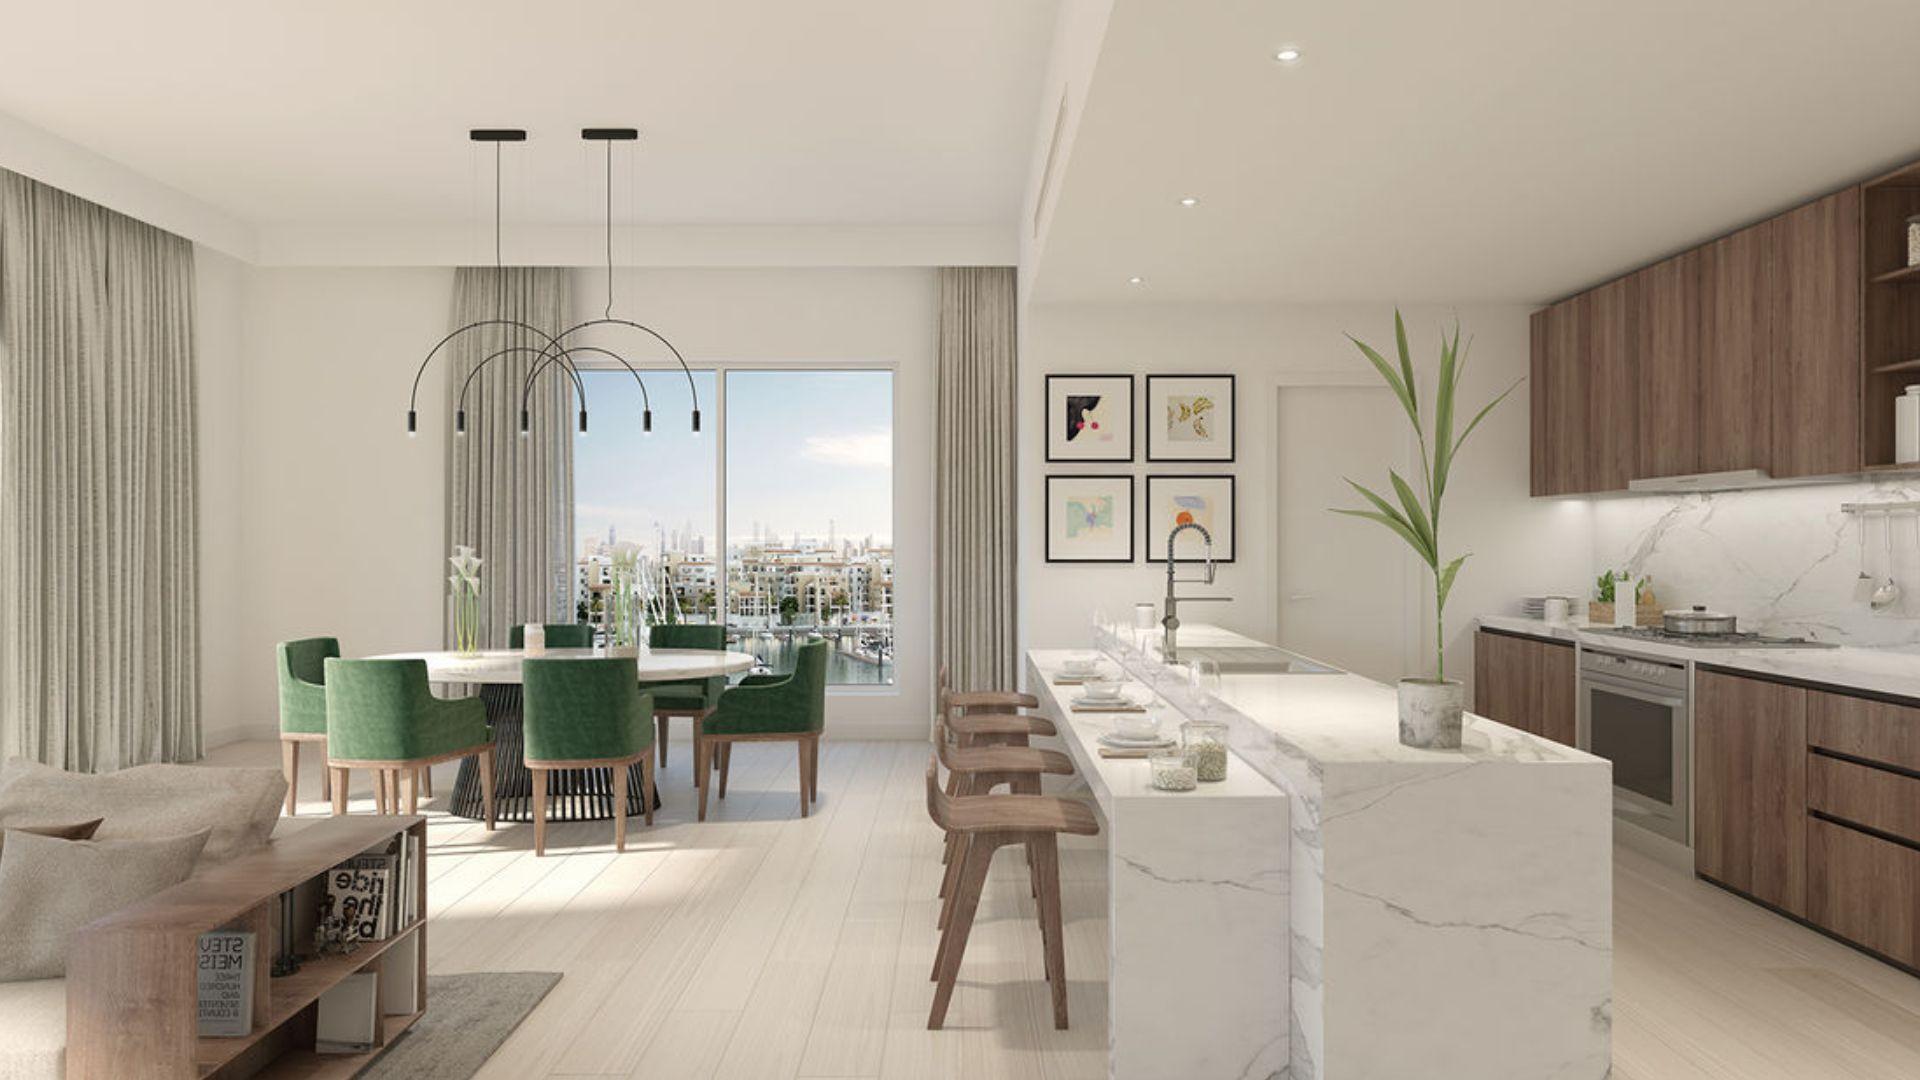 Apartment for sale in Dubai, UAE, 2 bedrooms, 112 m2, No. 24286 – photo 1